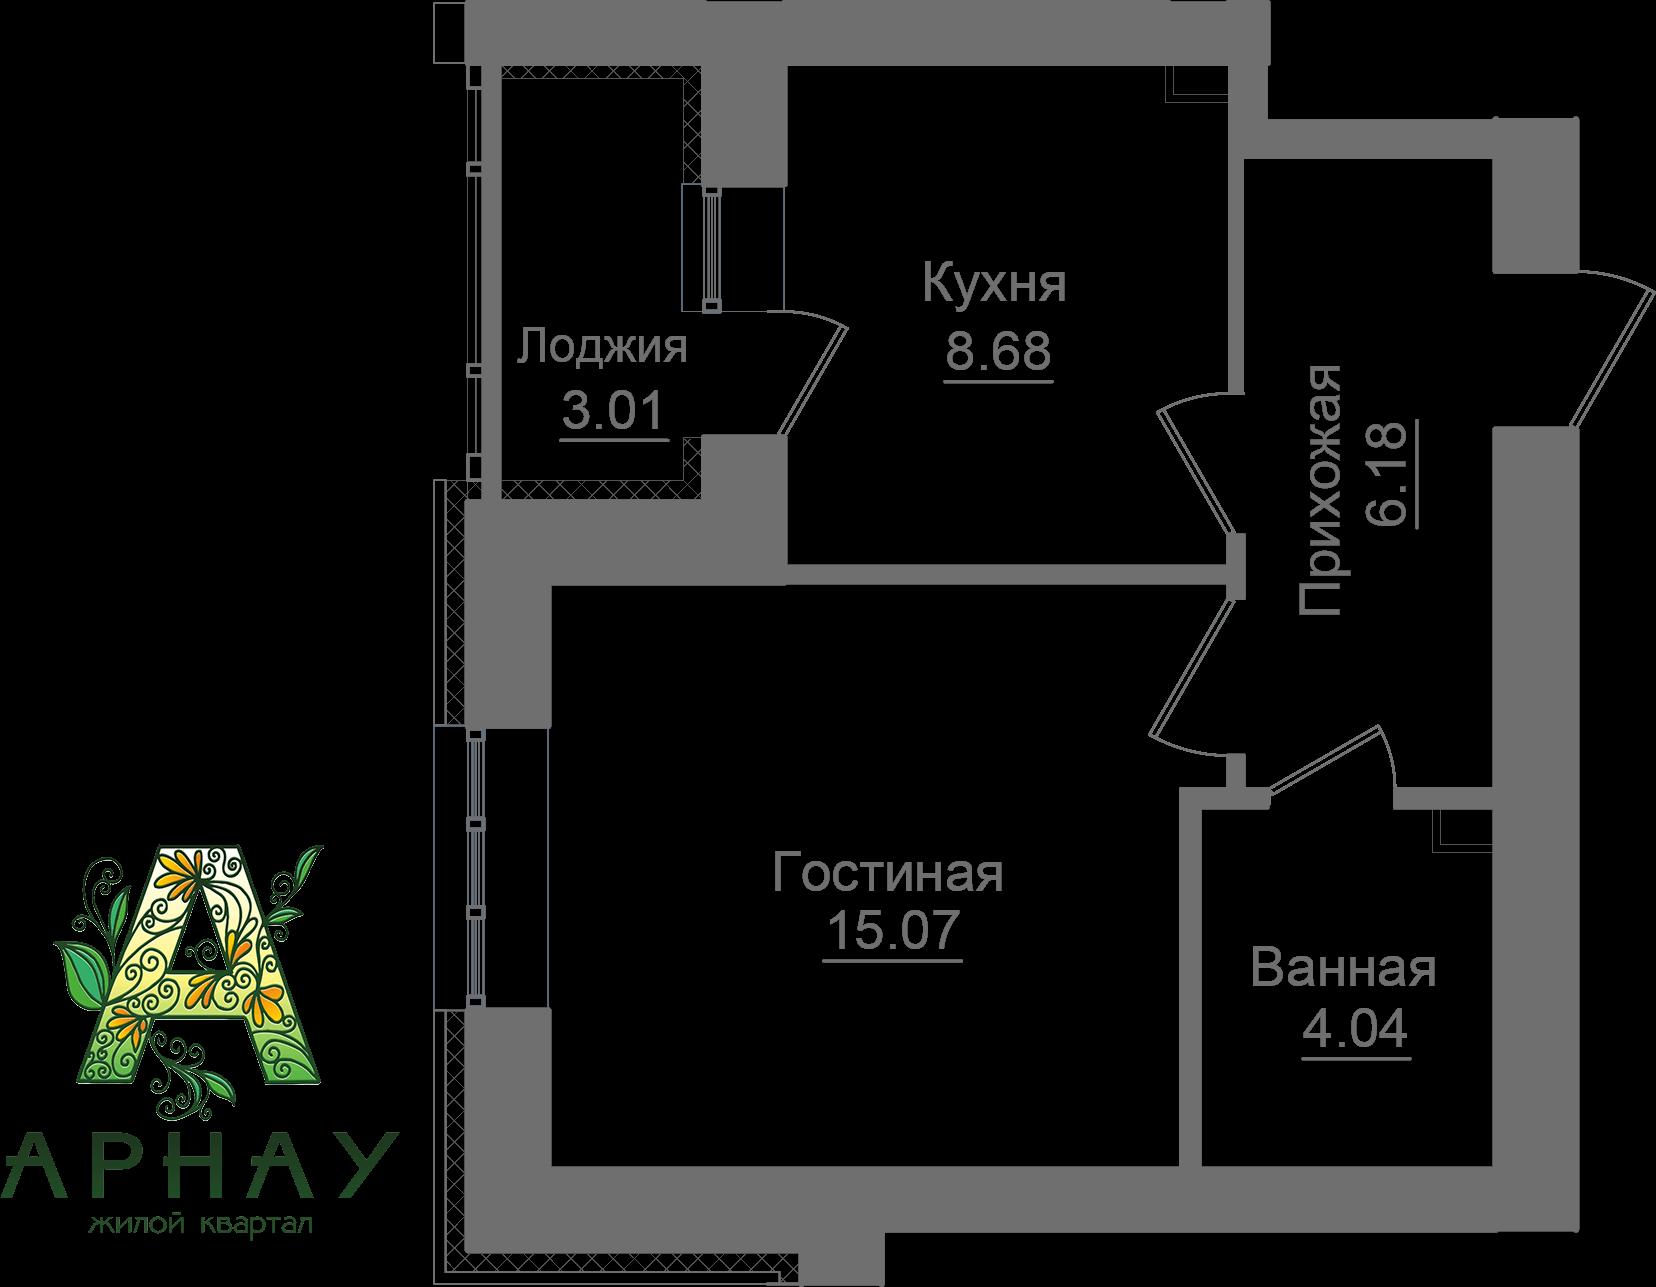 Квартира 84